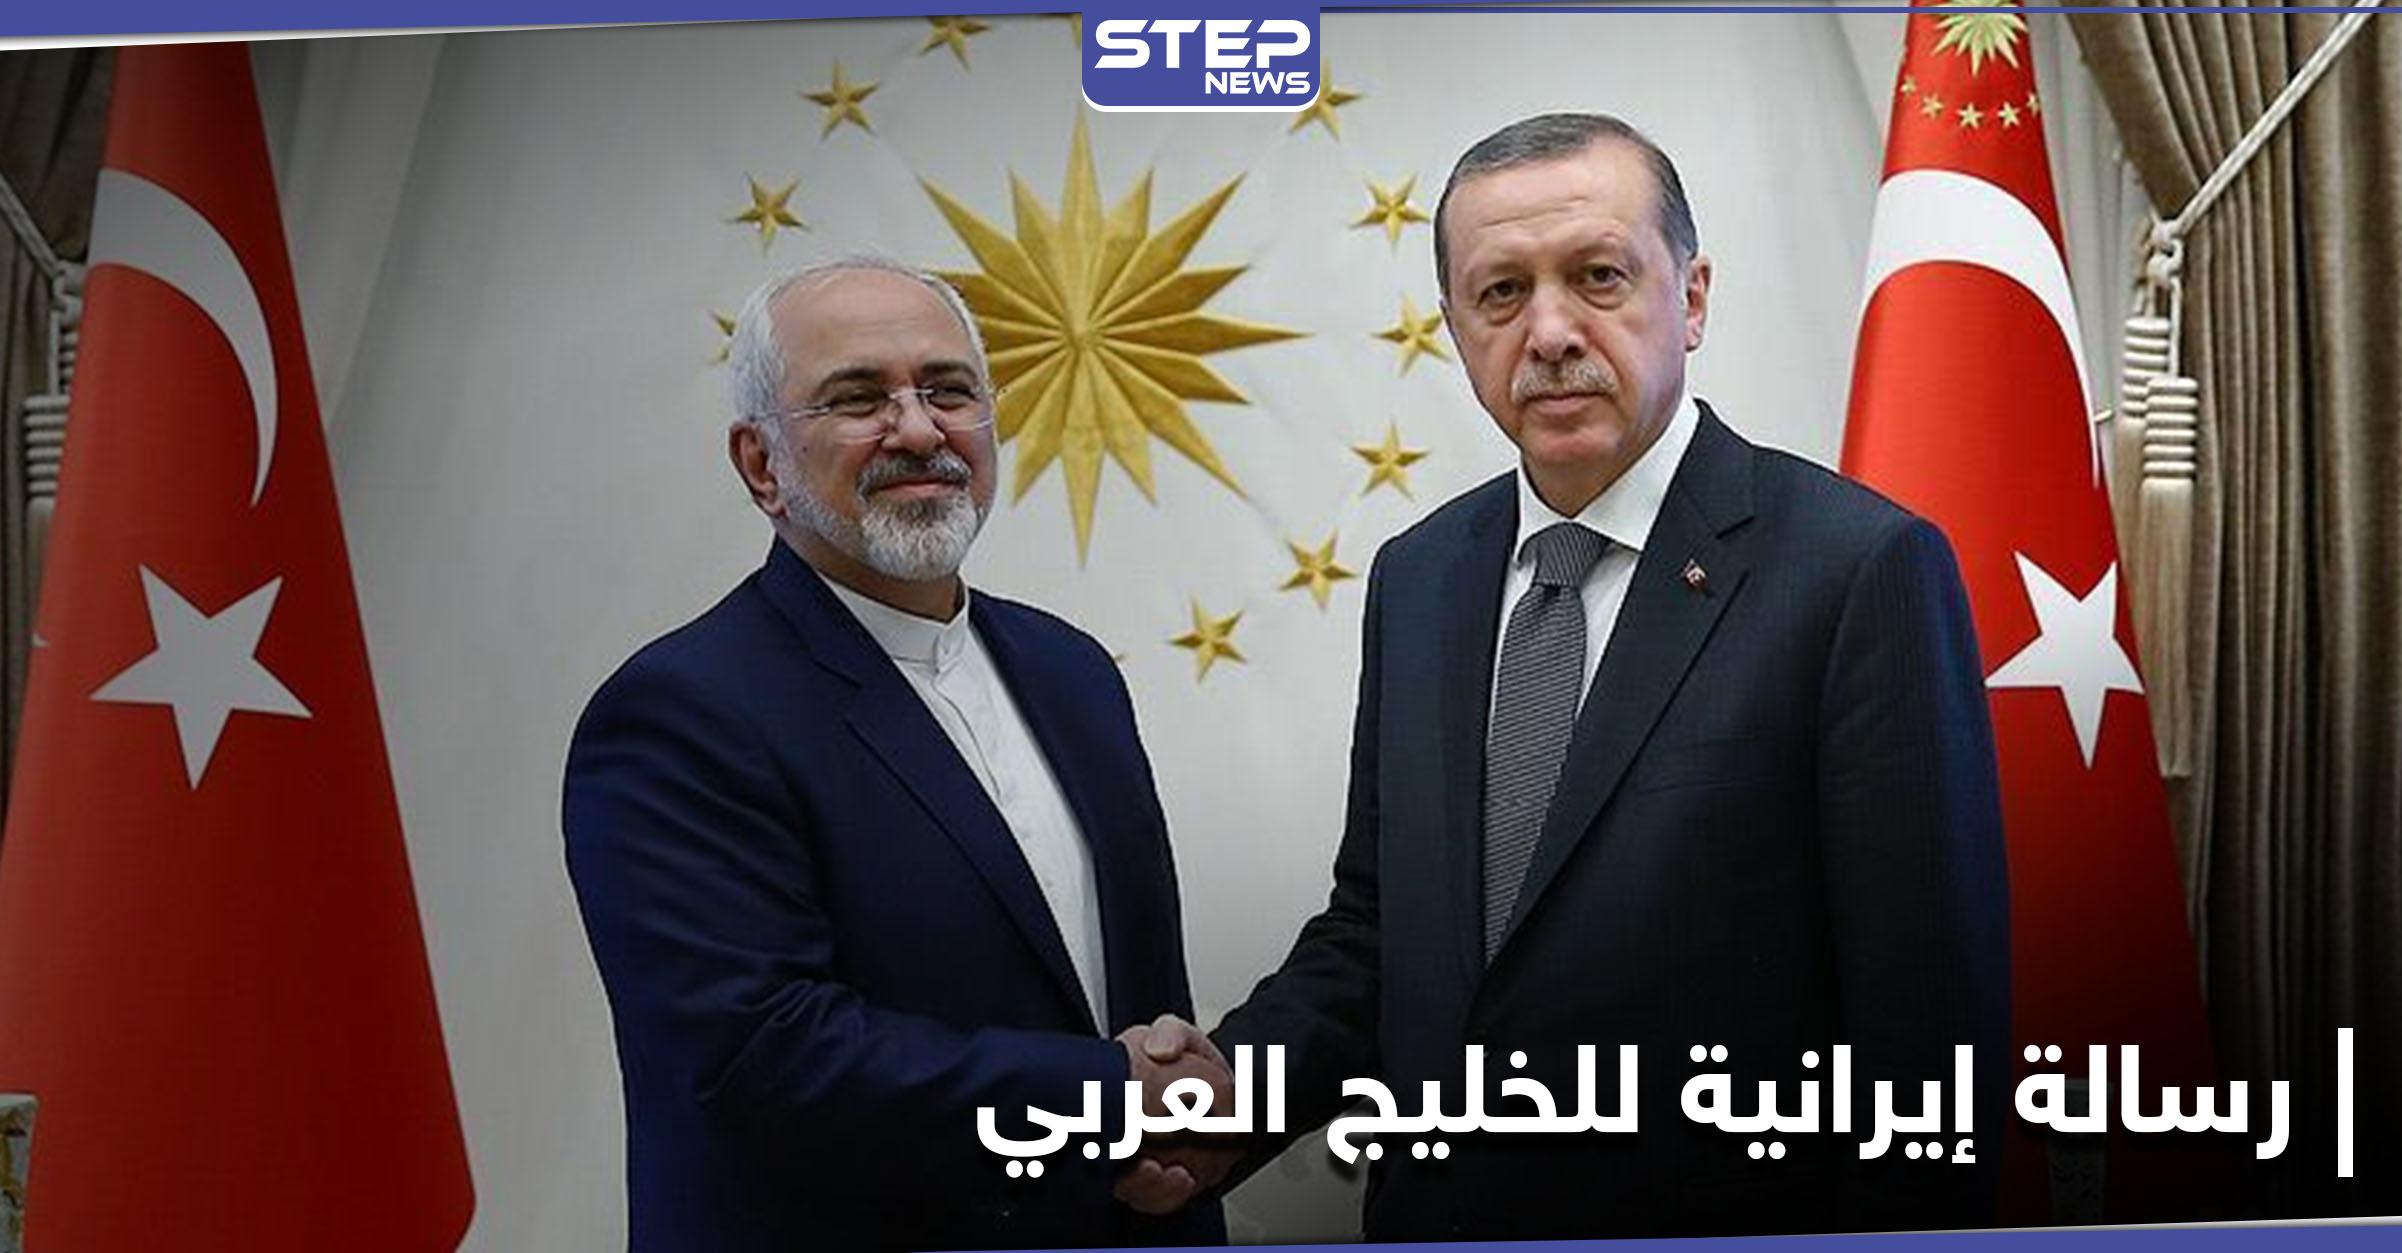 ظريف يدعو أردوغان لزيارتهم ويوجه رسالة إلى دول الخليج باللغة العربية